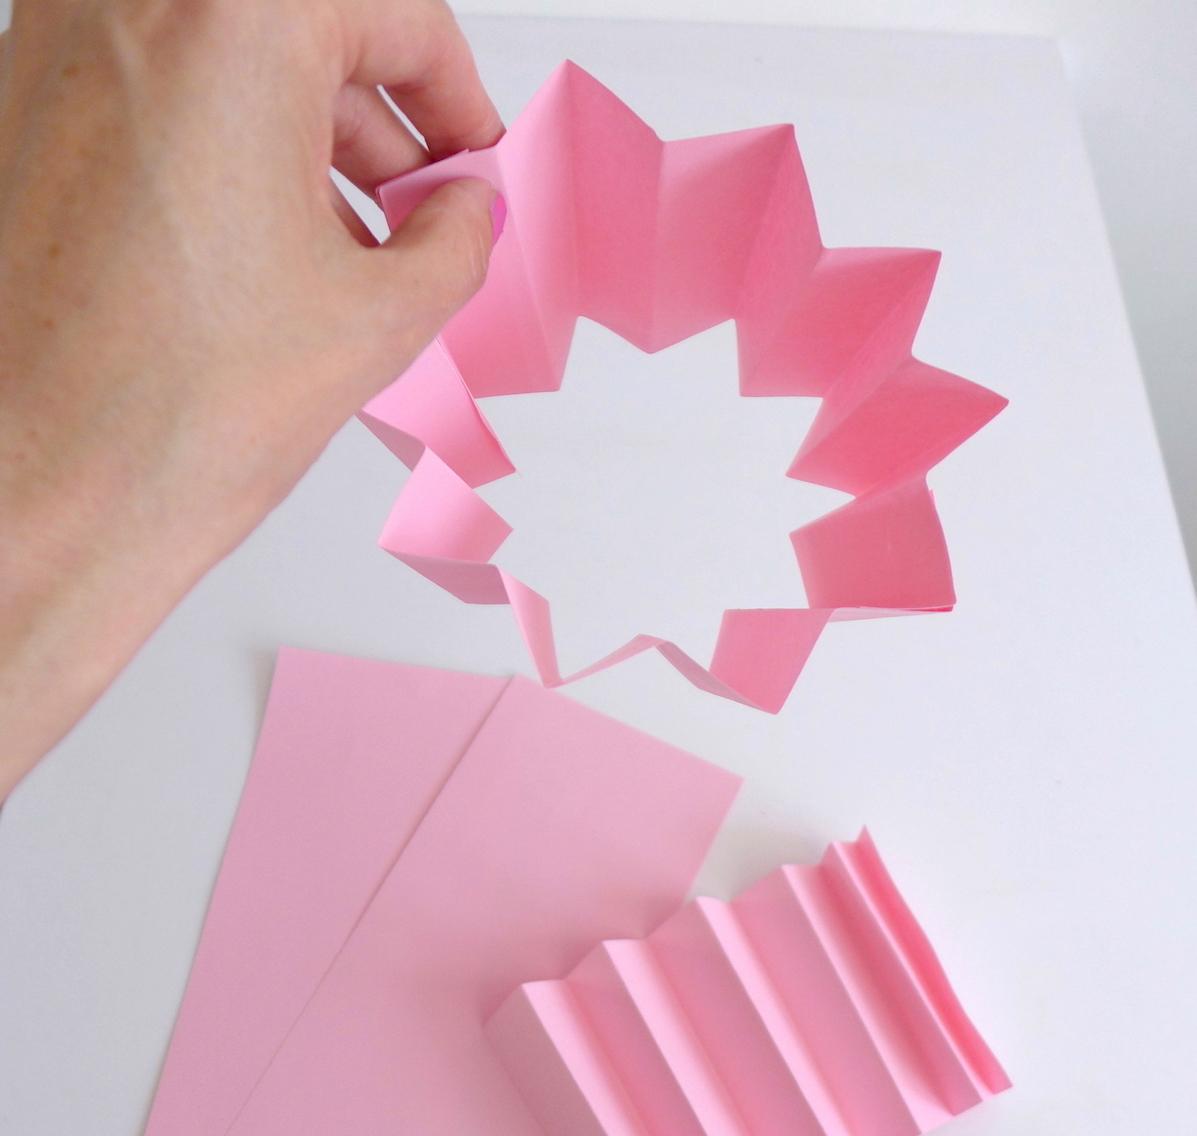 Pinkday DIY Blumentopf Mantel sophiagaleria